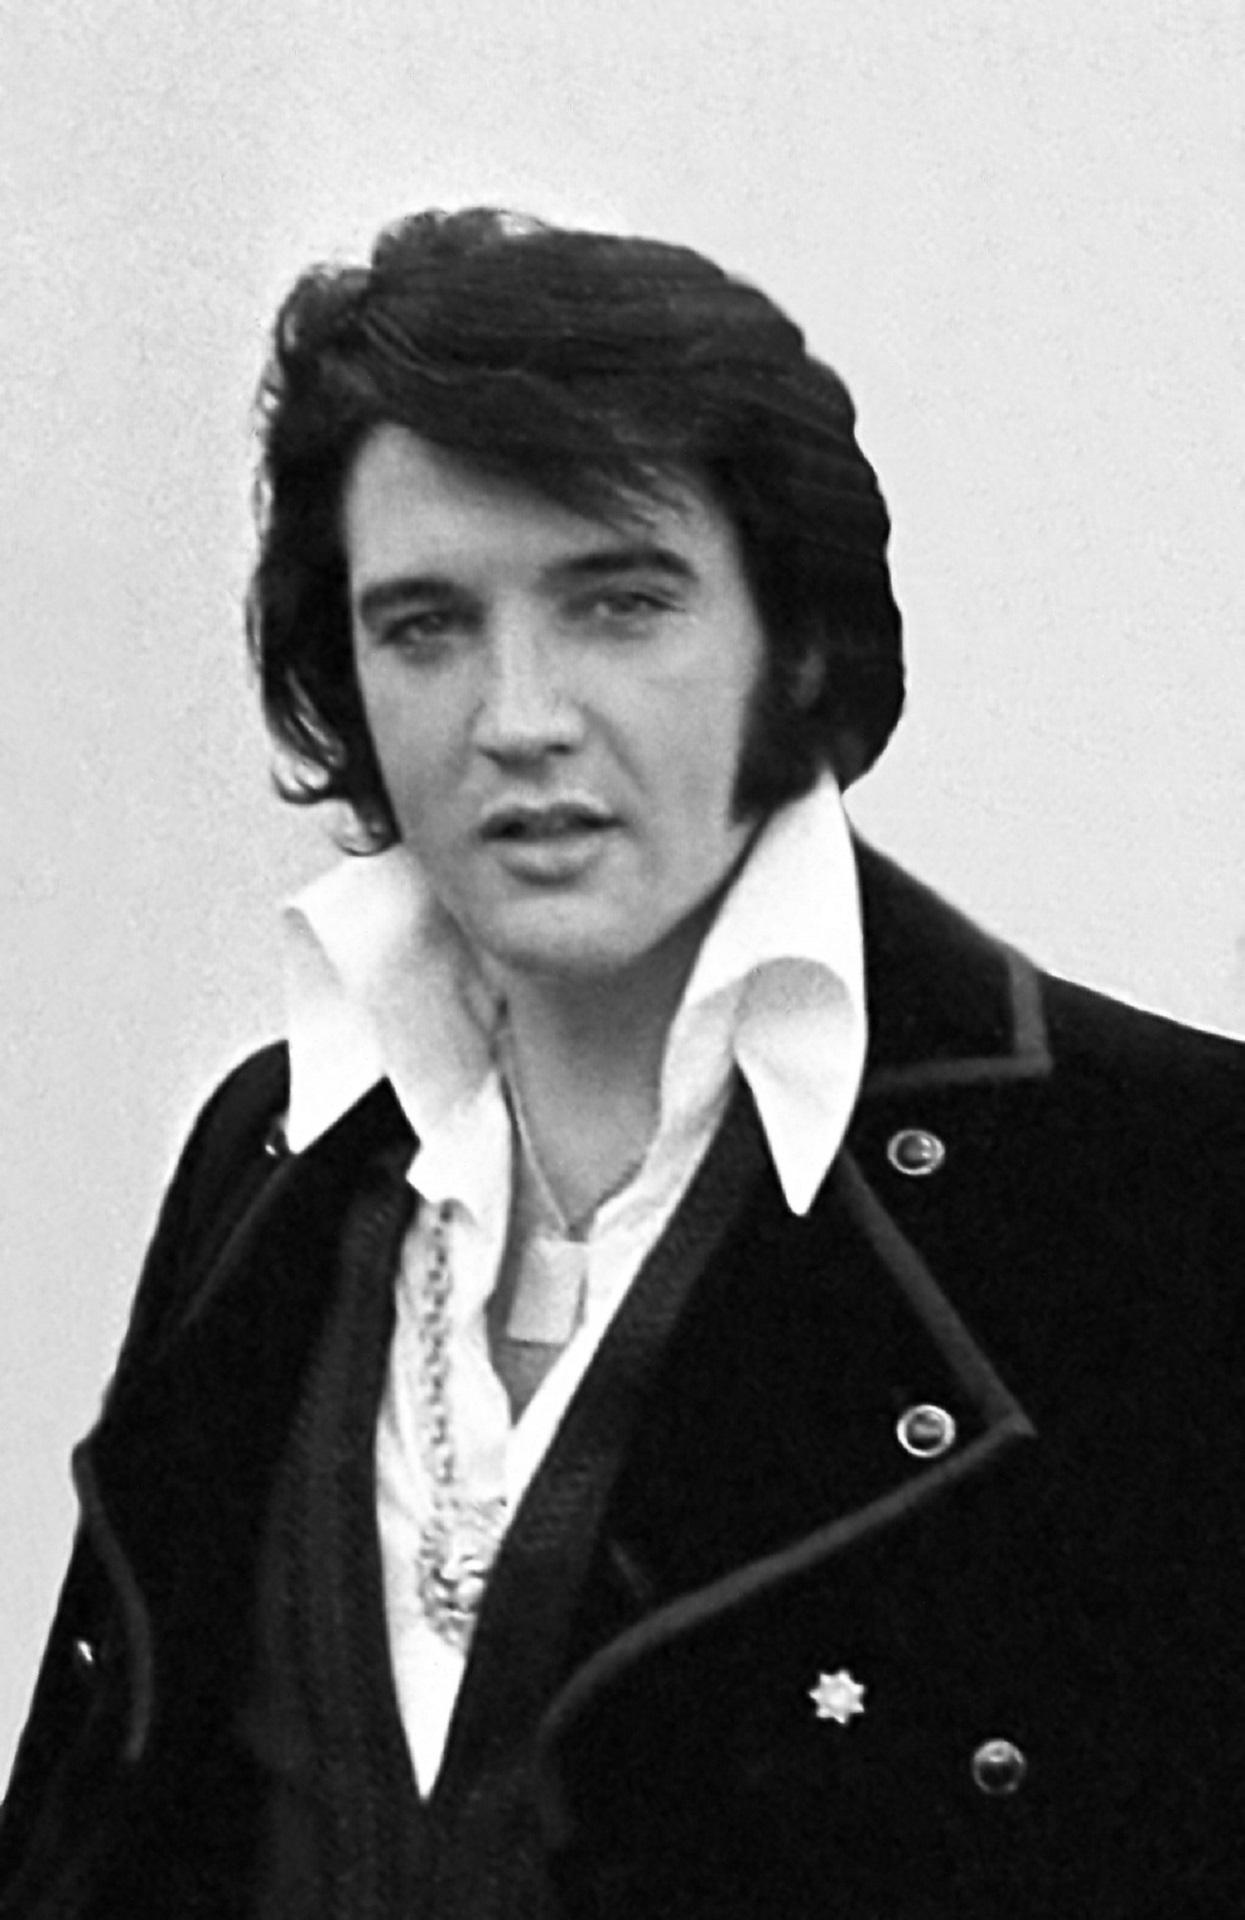 Elvis Presley photo #110632, Elvis Presley image